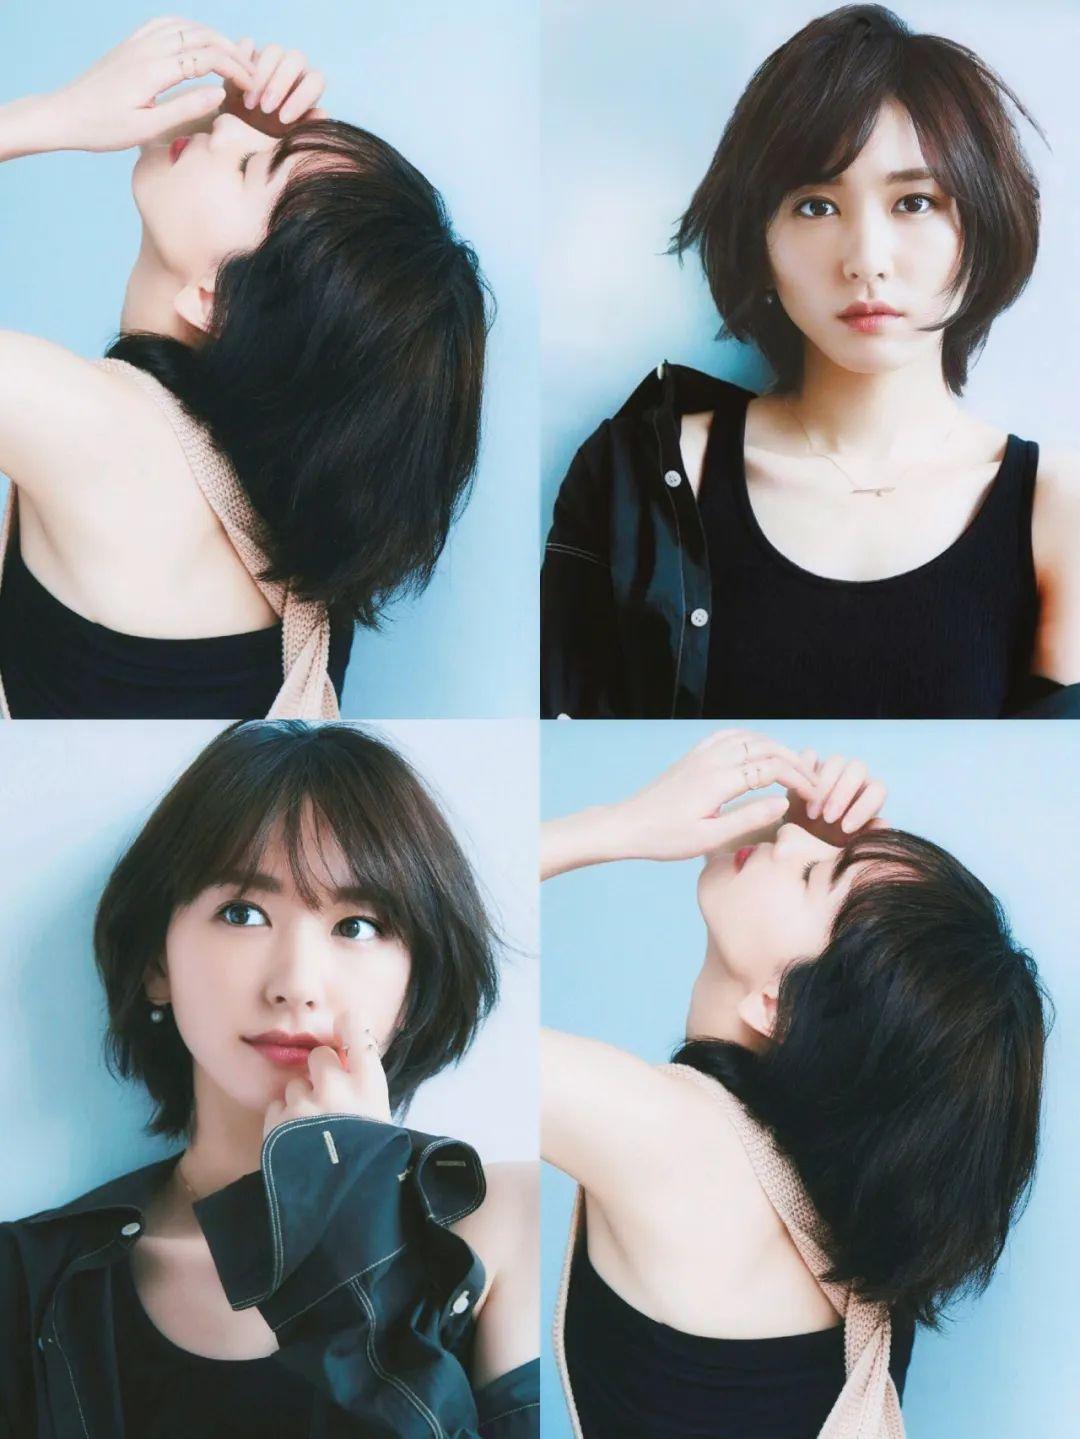 6月11日,Gakki新垣结衣32岁生日快乐!目前她还是单身哟!_图片 No.22